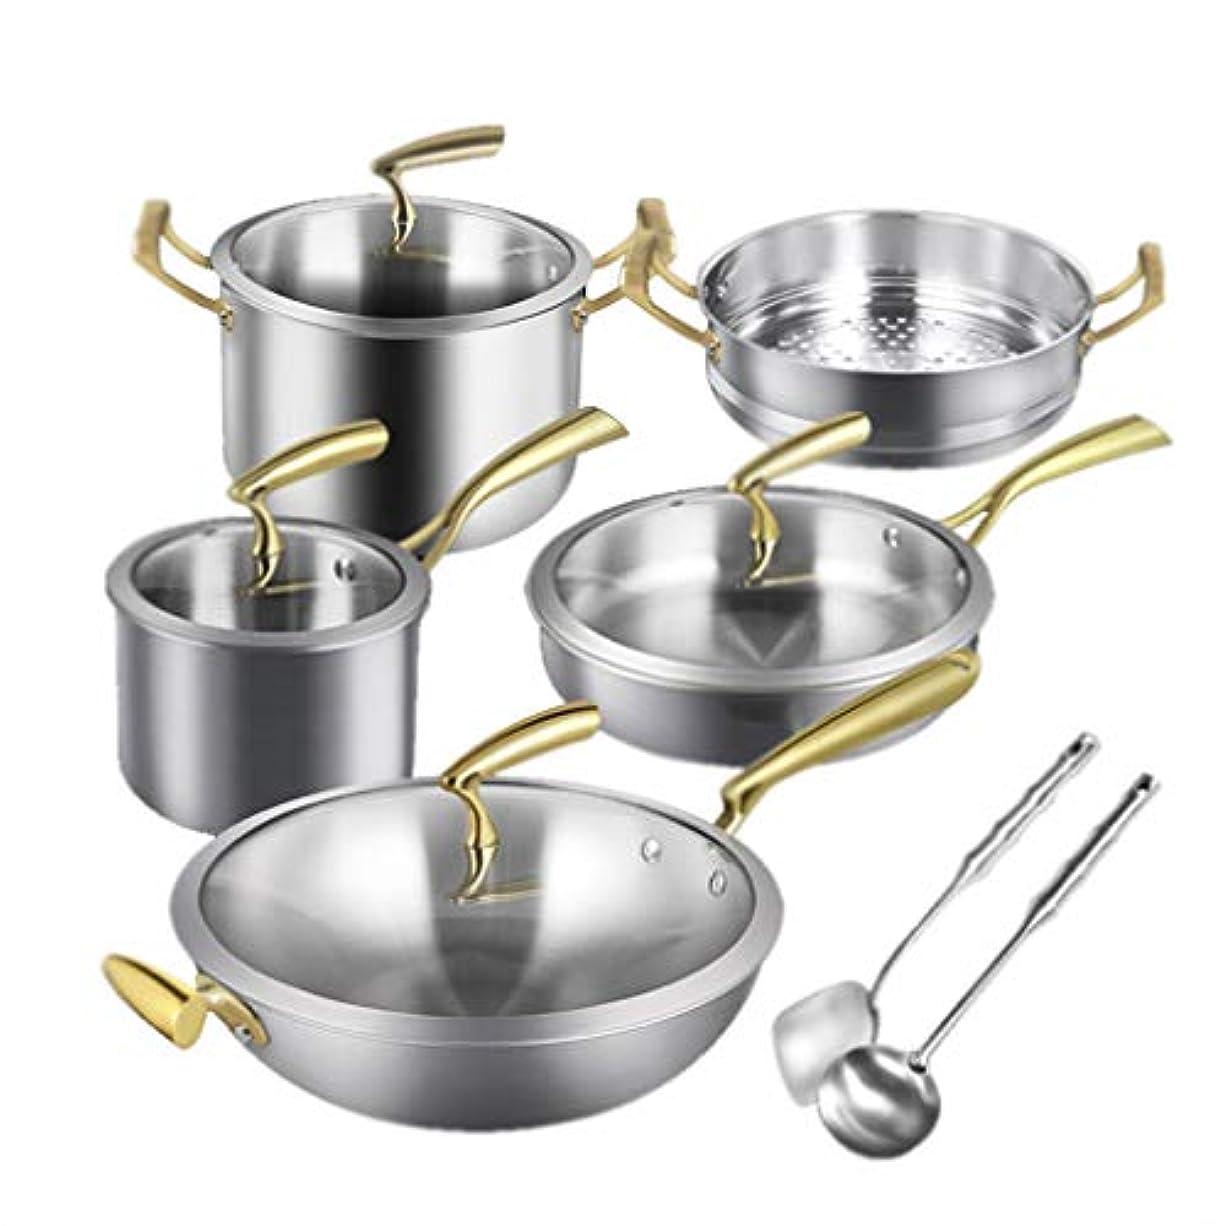 警察イヤホンクモ調理器具セットの組み合わせ304ステンレス鋼の鍋ノンスティックパン家庭用キッチンセット (Color : Silver)